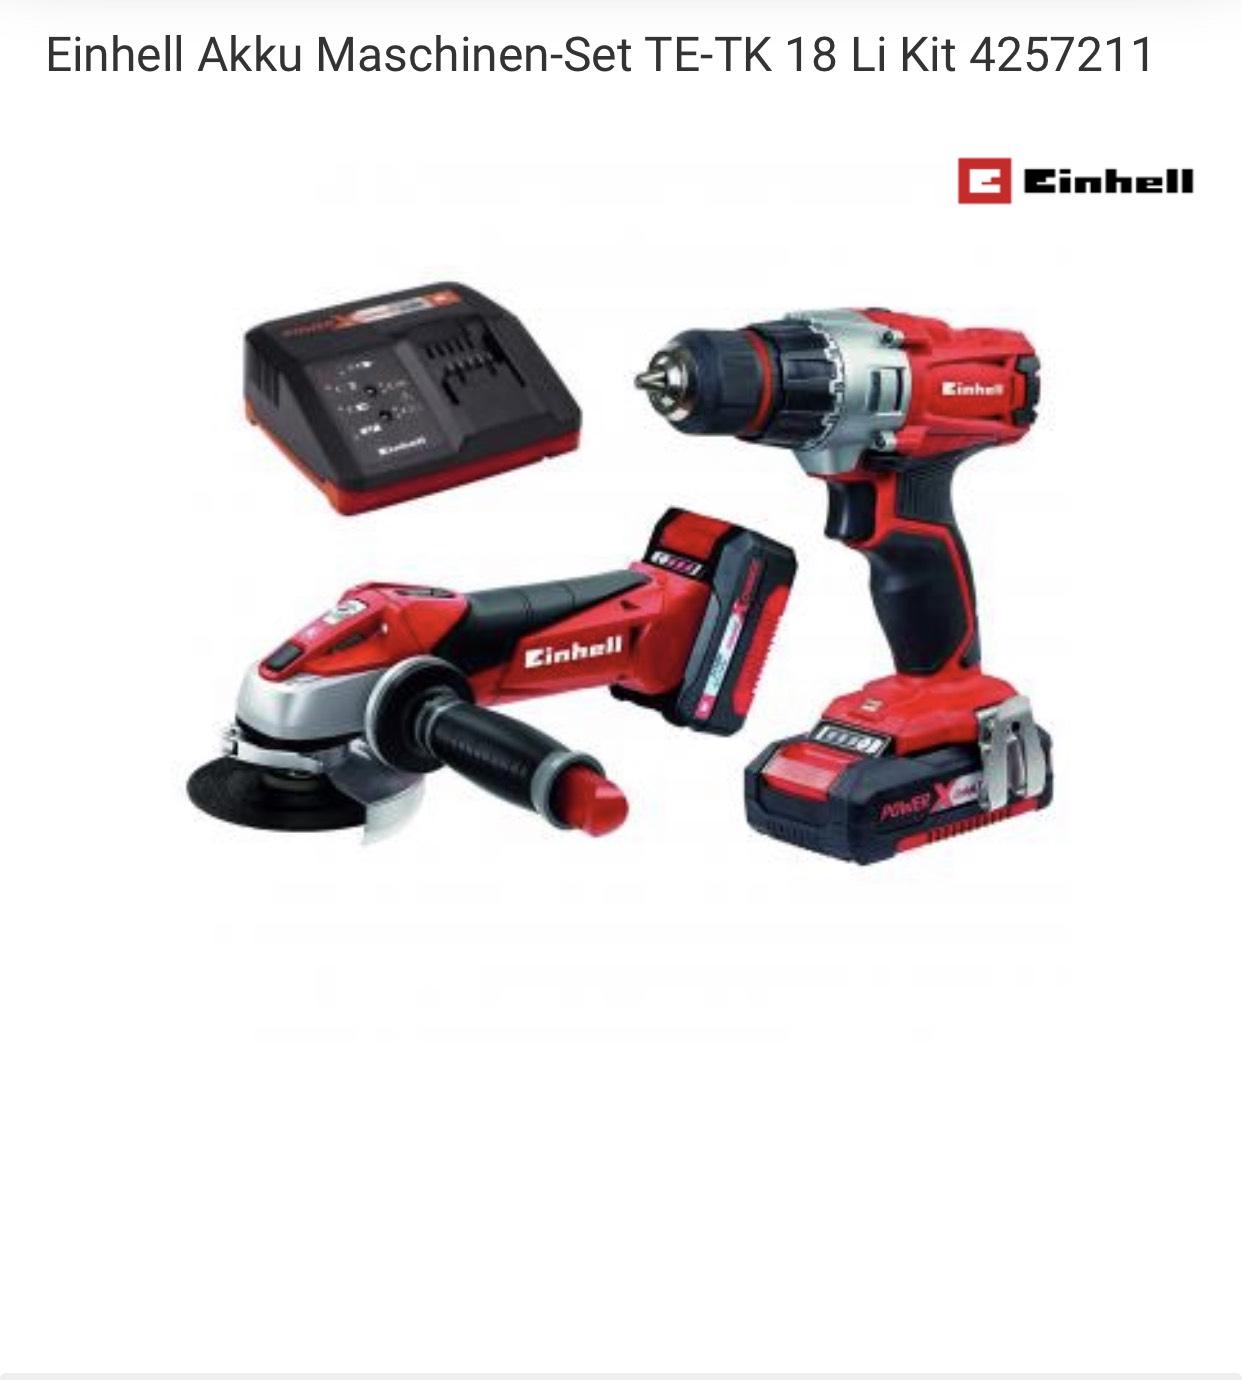 Einhell Akku Maschinenset TE-TK 18 Li Kit + 1.5 Ah und 3.0 Ah Power X-Change Akku + Schnellladegerät Power X-Change + kostenloser Versand